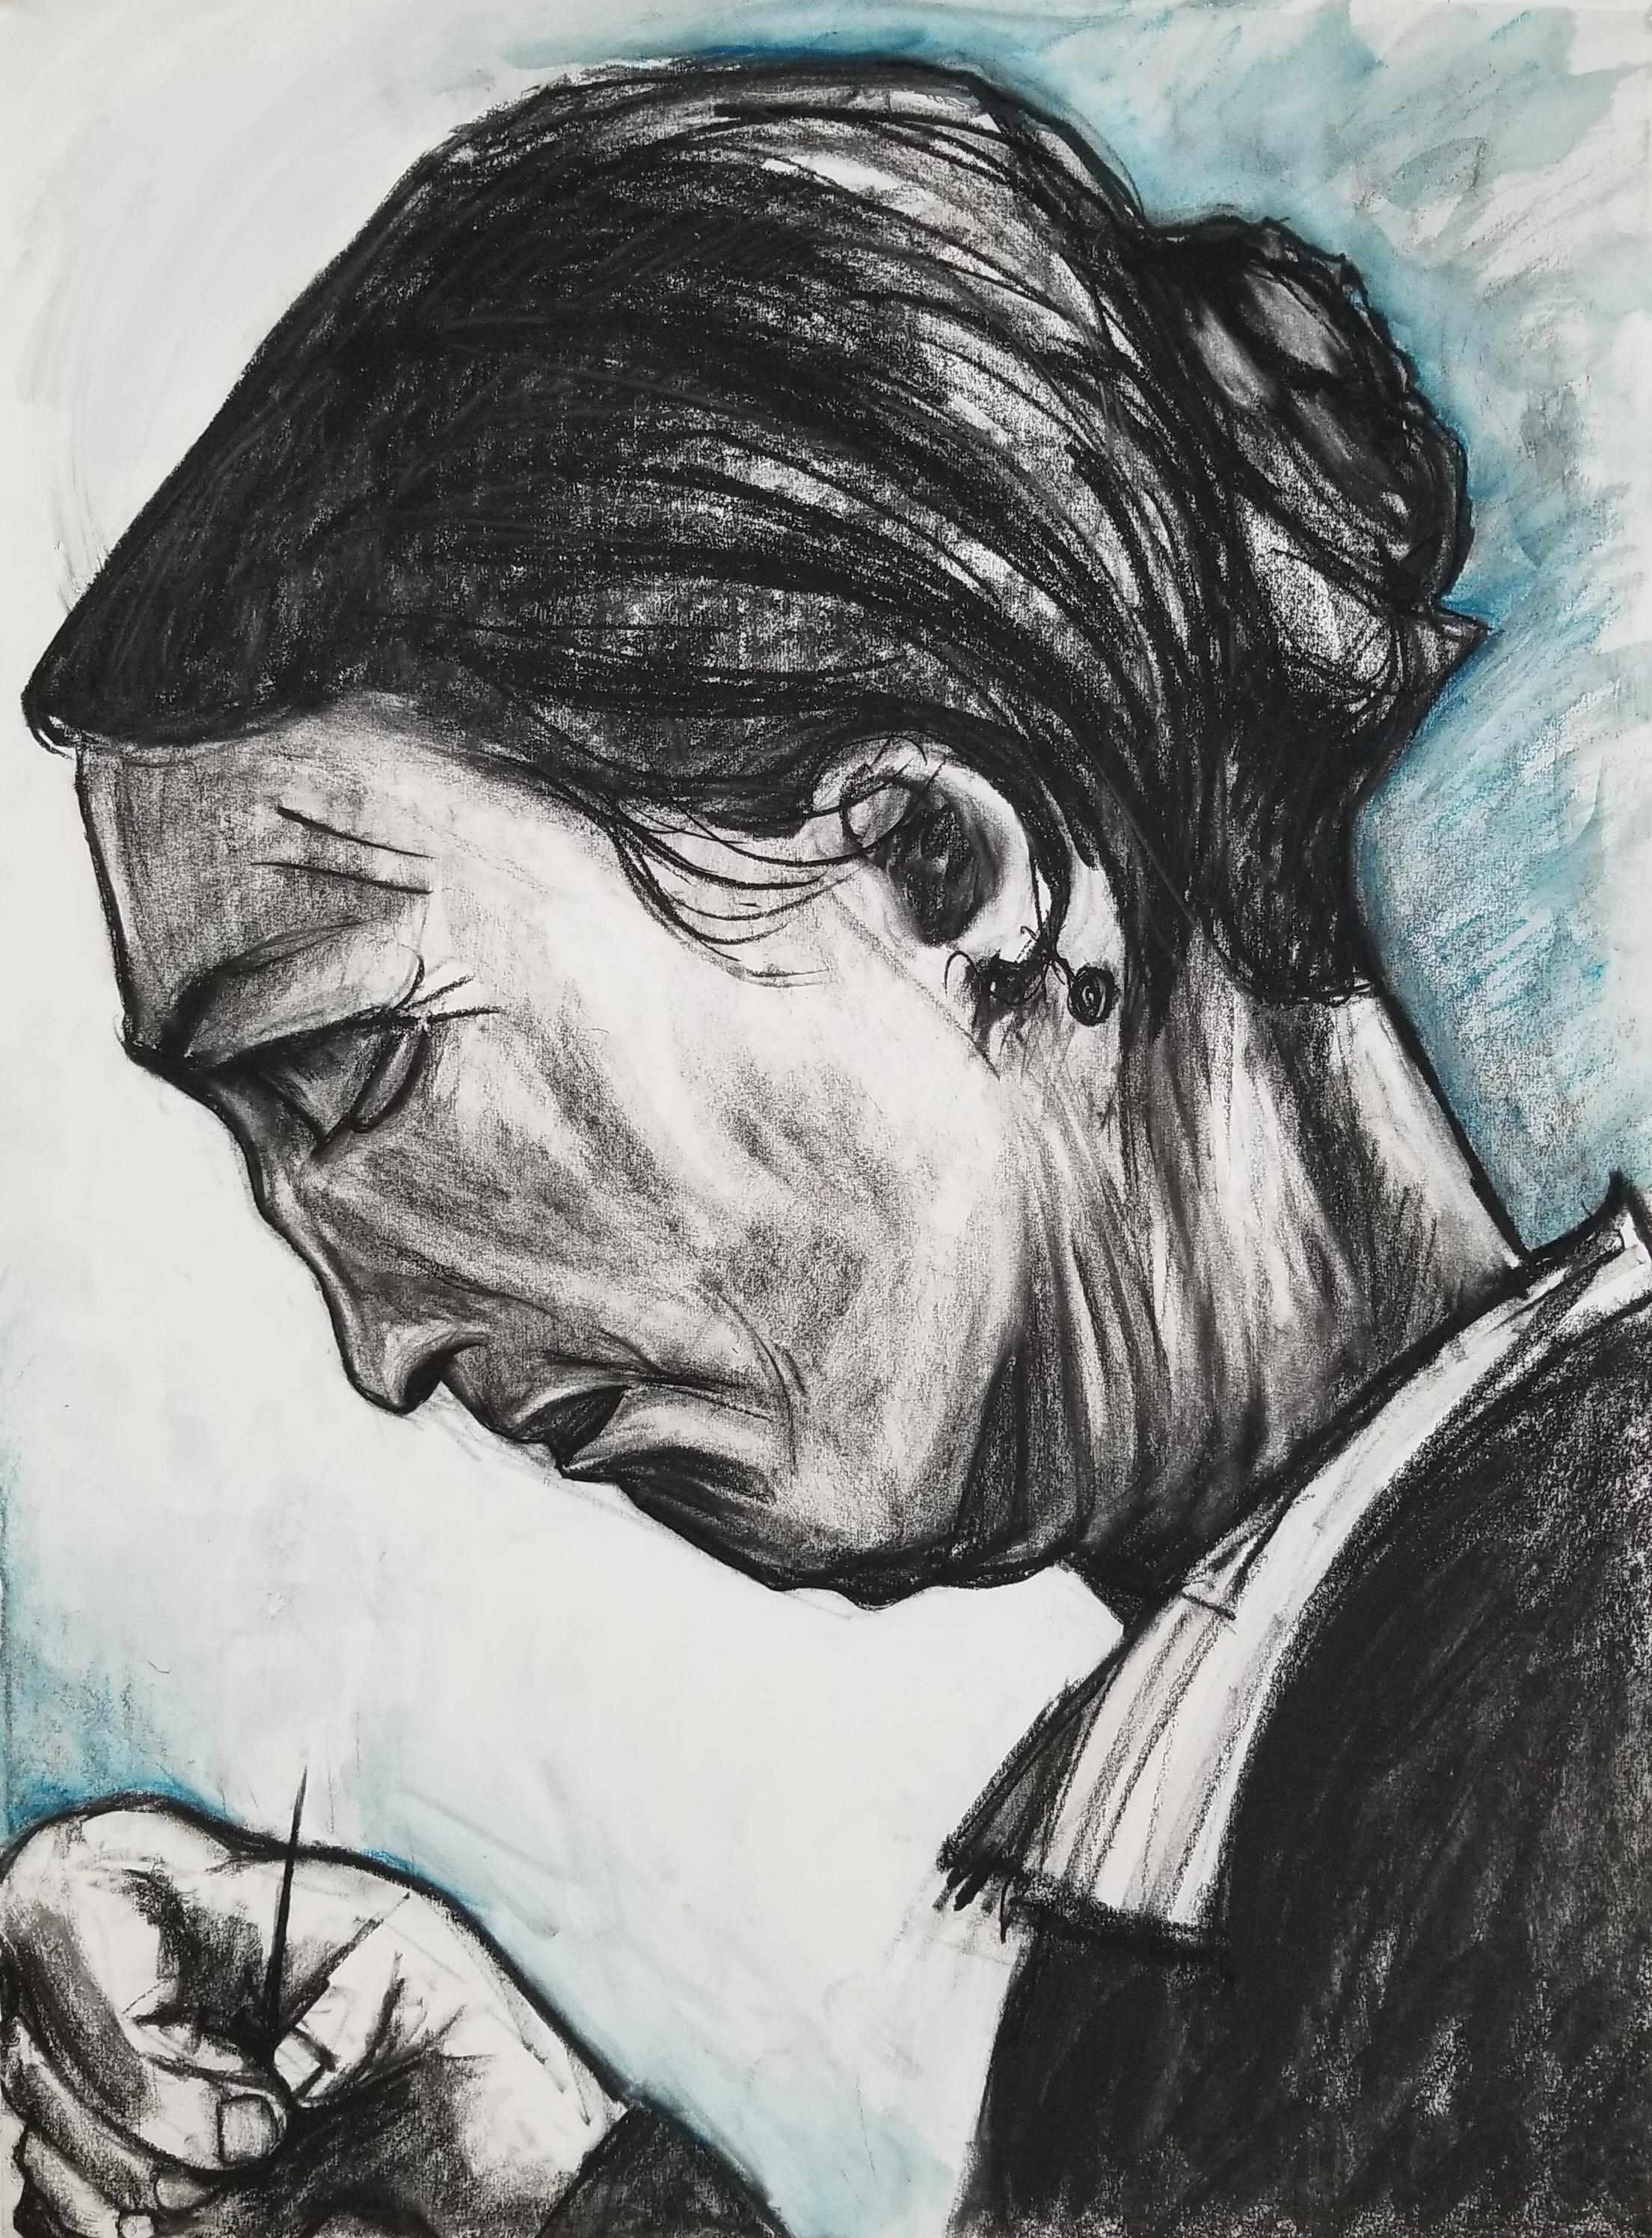 D. Wolfe, Sien Sewing, after Van Gogh